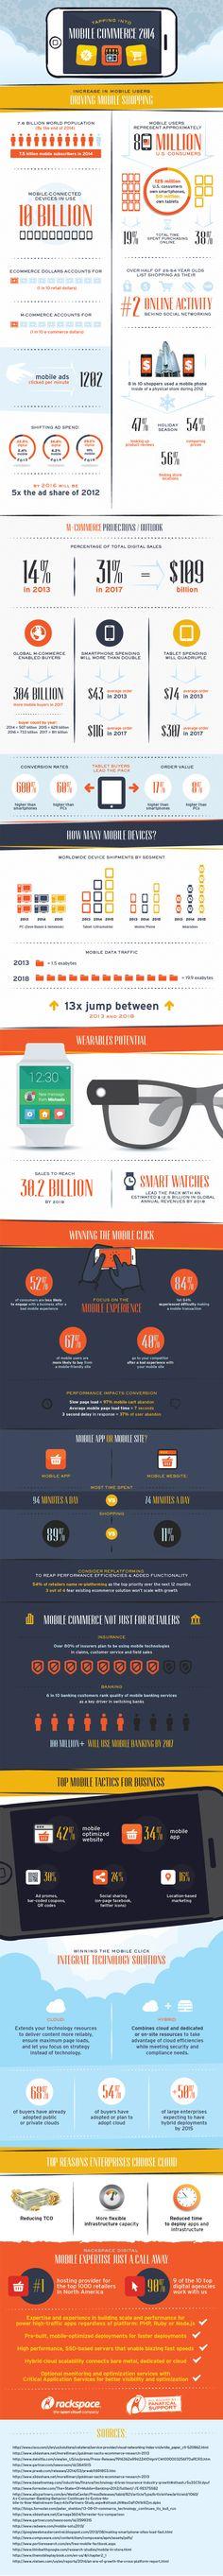 Mobile conmmerce 2014 #infografia